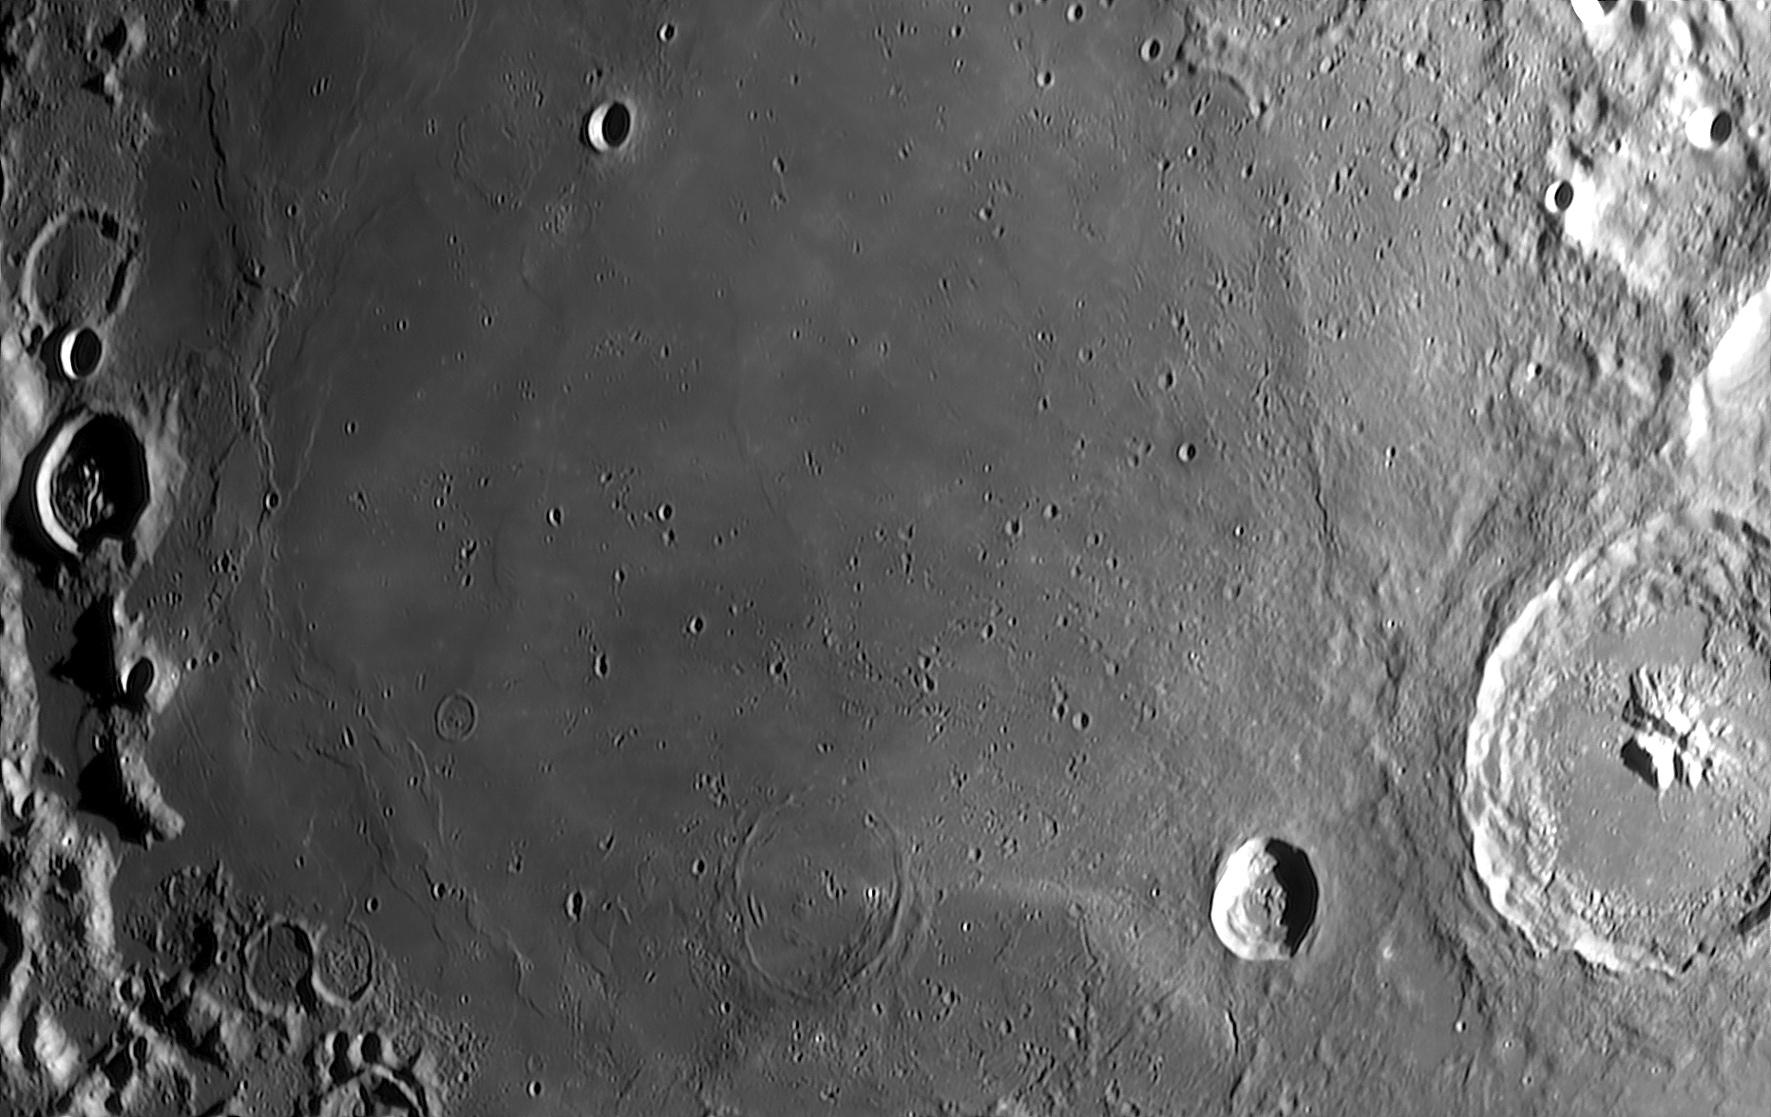 La Mer du Nectar SER 85029 TTB 14% BV 4 95%. JPEG.jpg